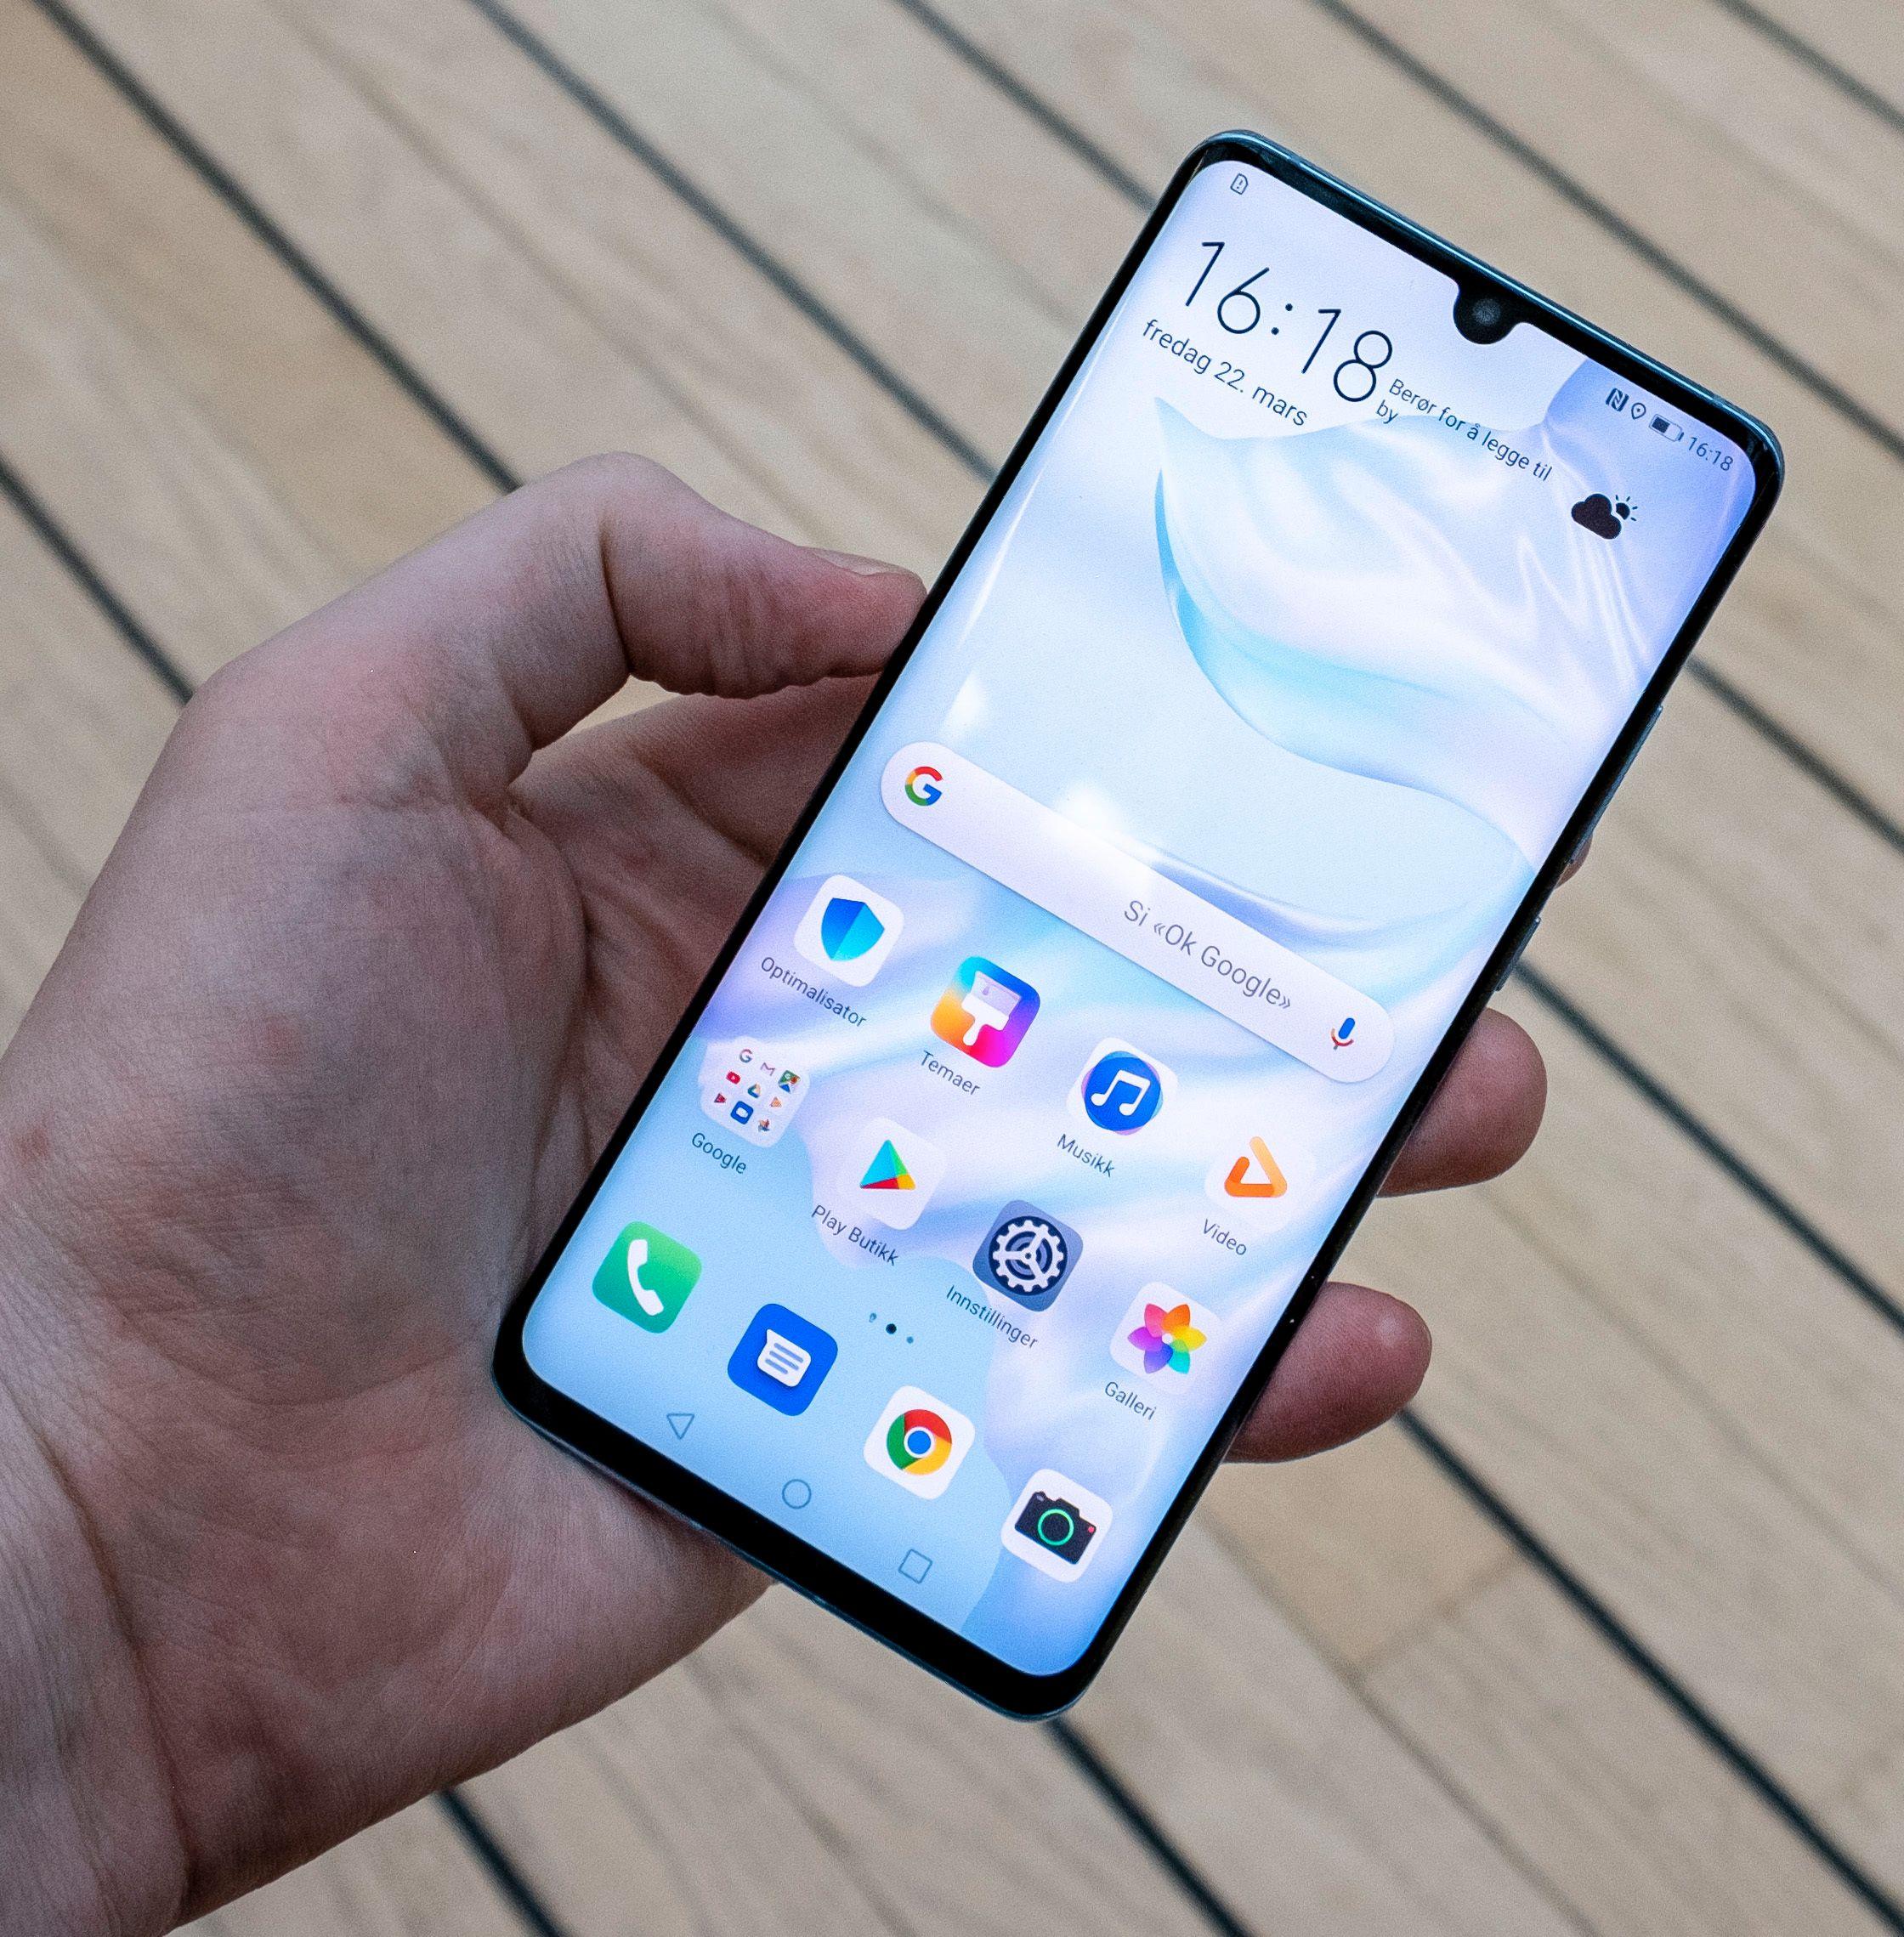 Det er Android-programvaren Huawei kanskje ikke kan bruke fullt ut fremover. Men Huawei har jobbet med en backup-plan de siste sju årene.